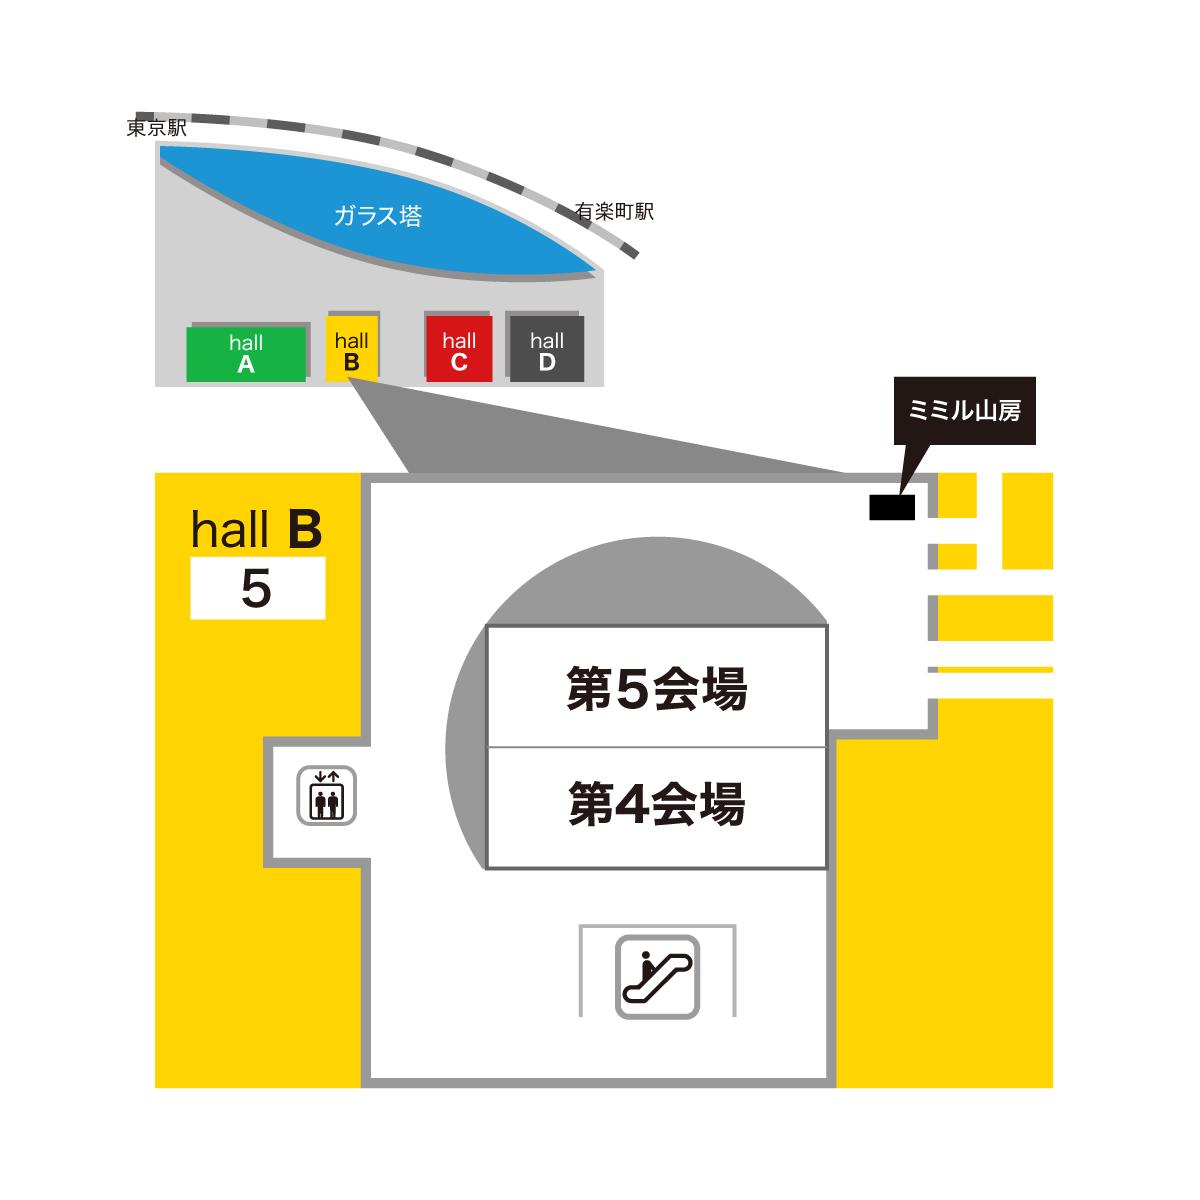 2019日本眼科学会総会ミミル山房出展場所